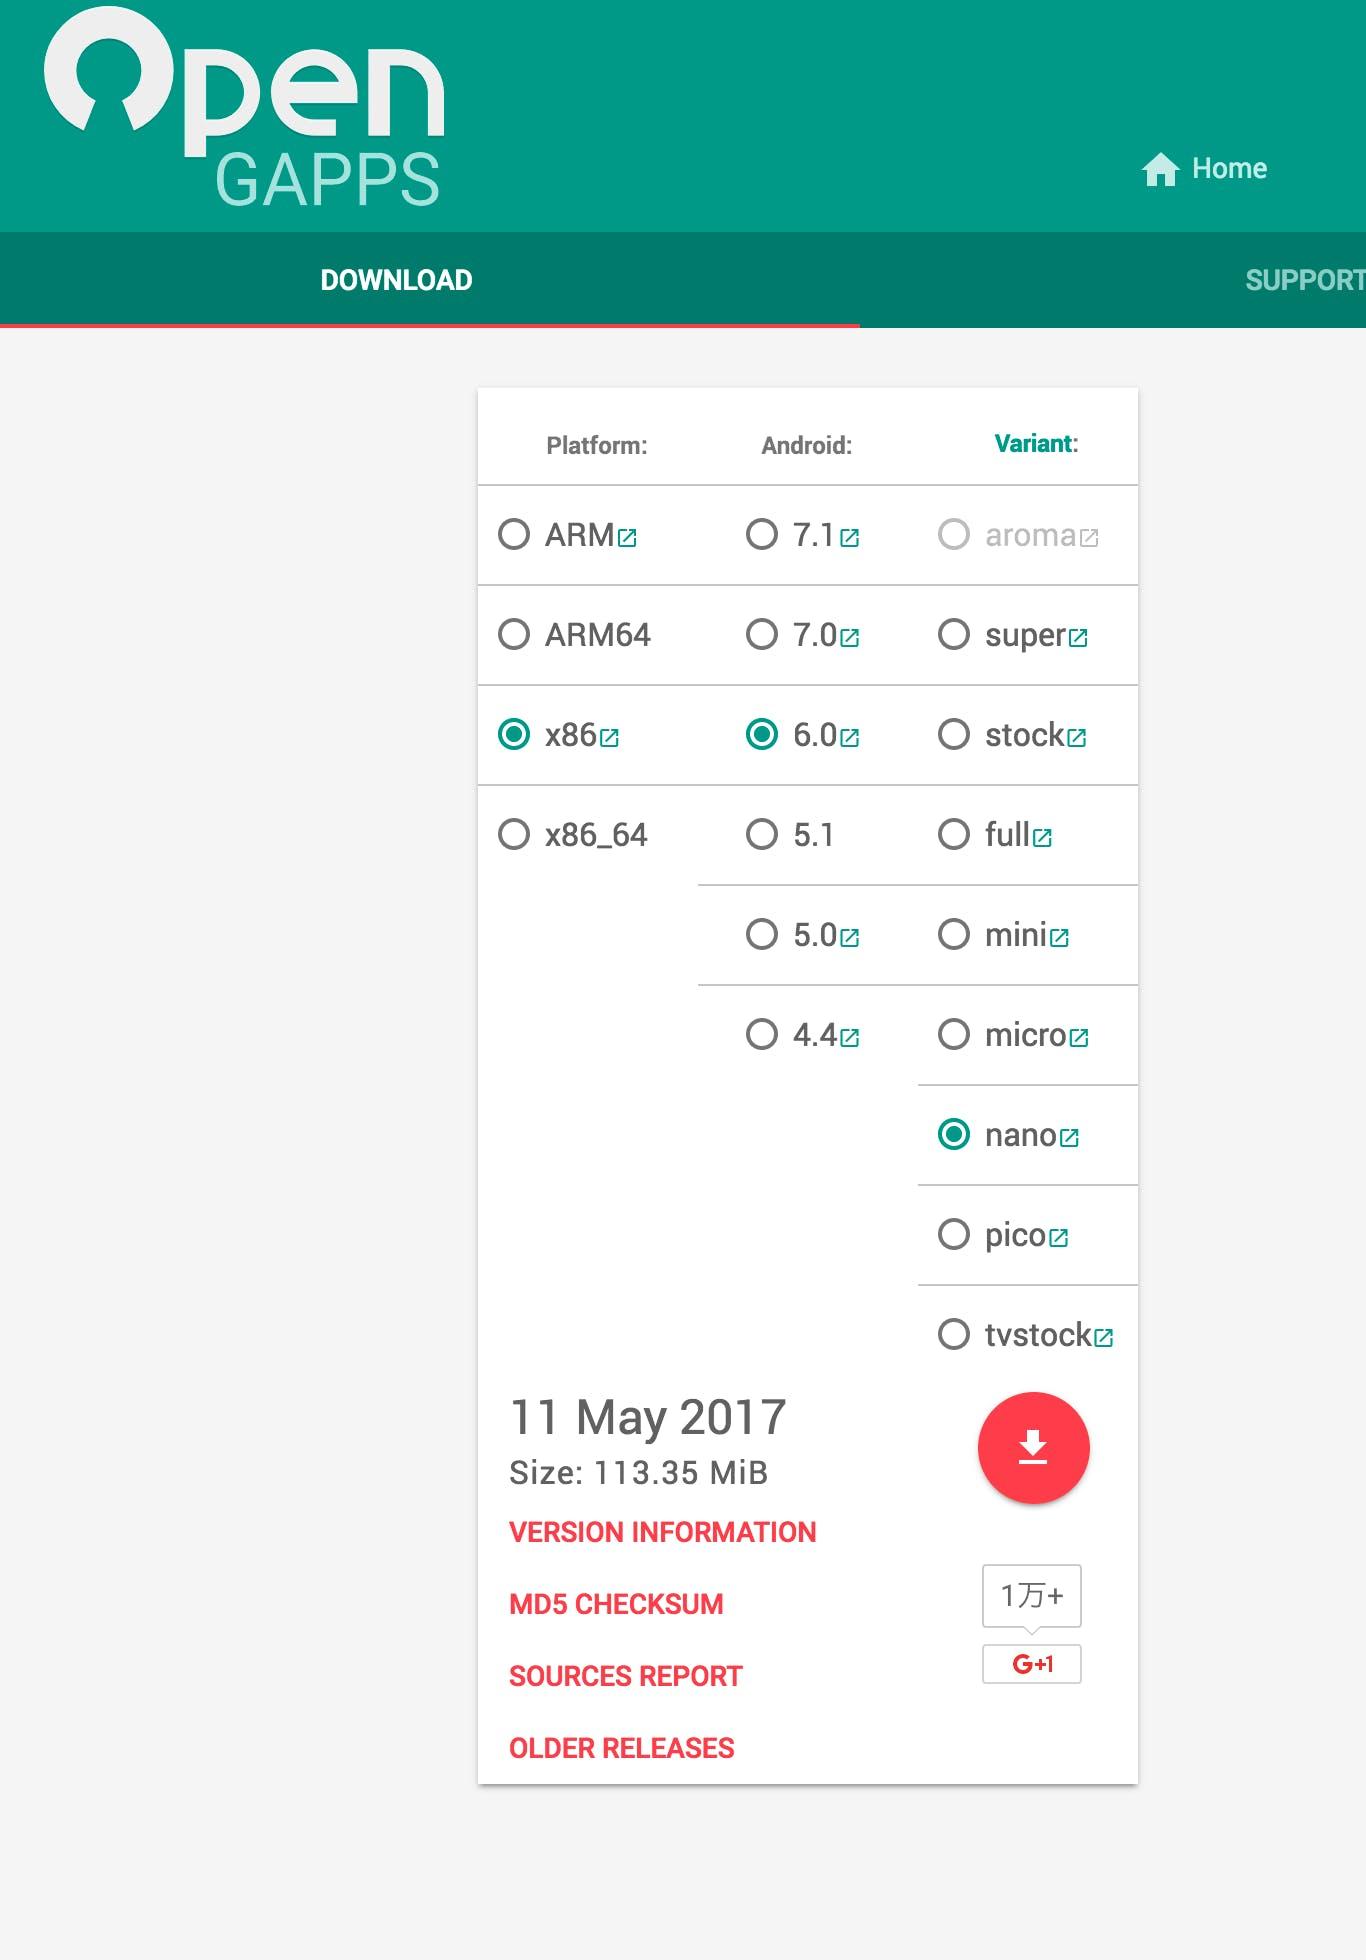 スクリーンショット 2017-05-12 14.34.50.png